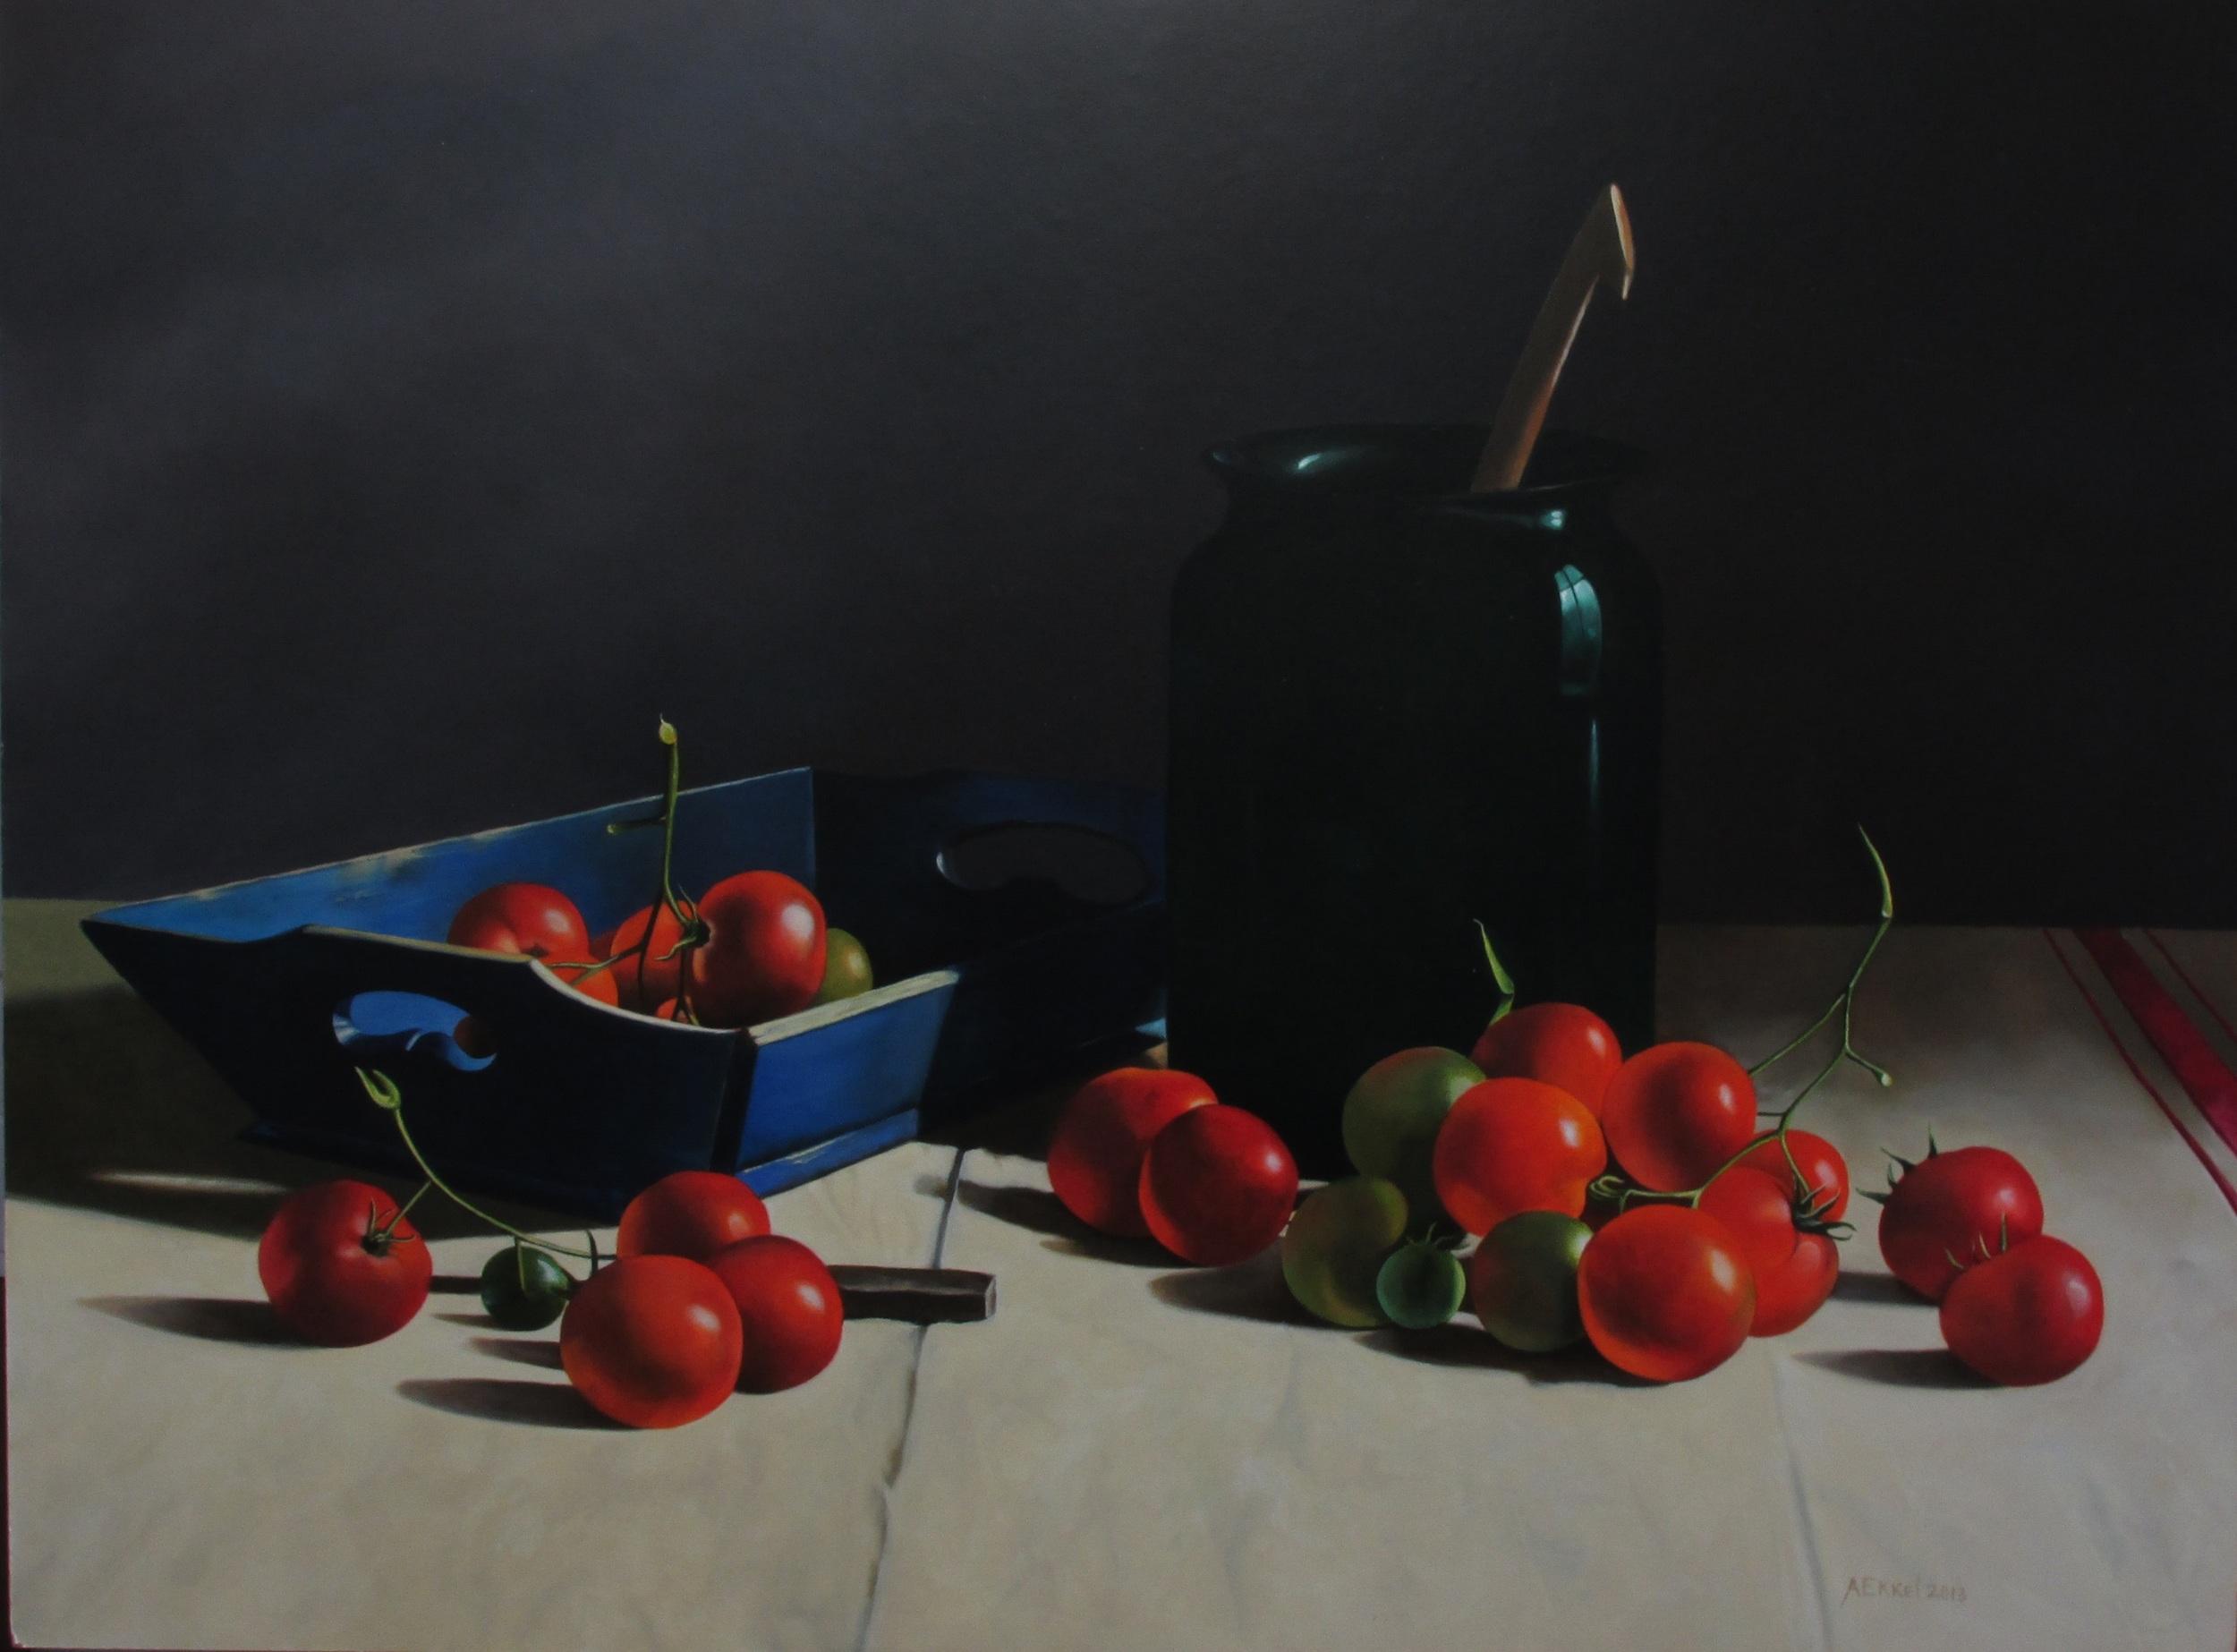 Stilleven met tomaten, olieverf op masonite (paneel) 80x60 cm